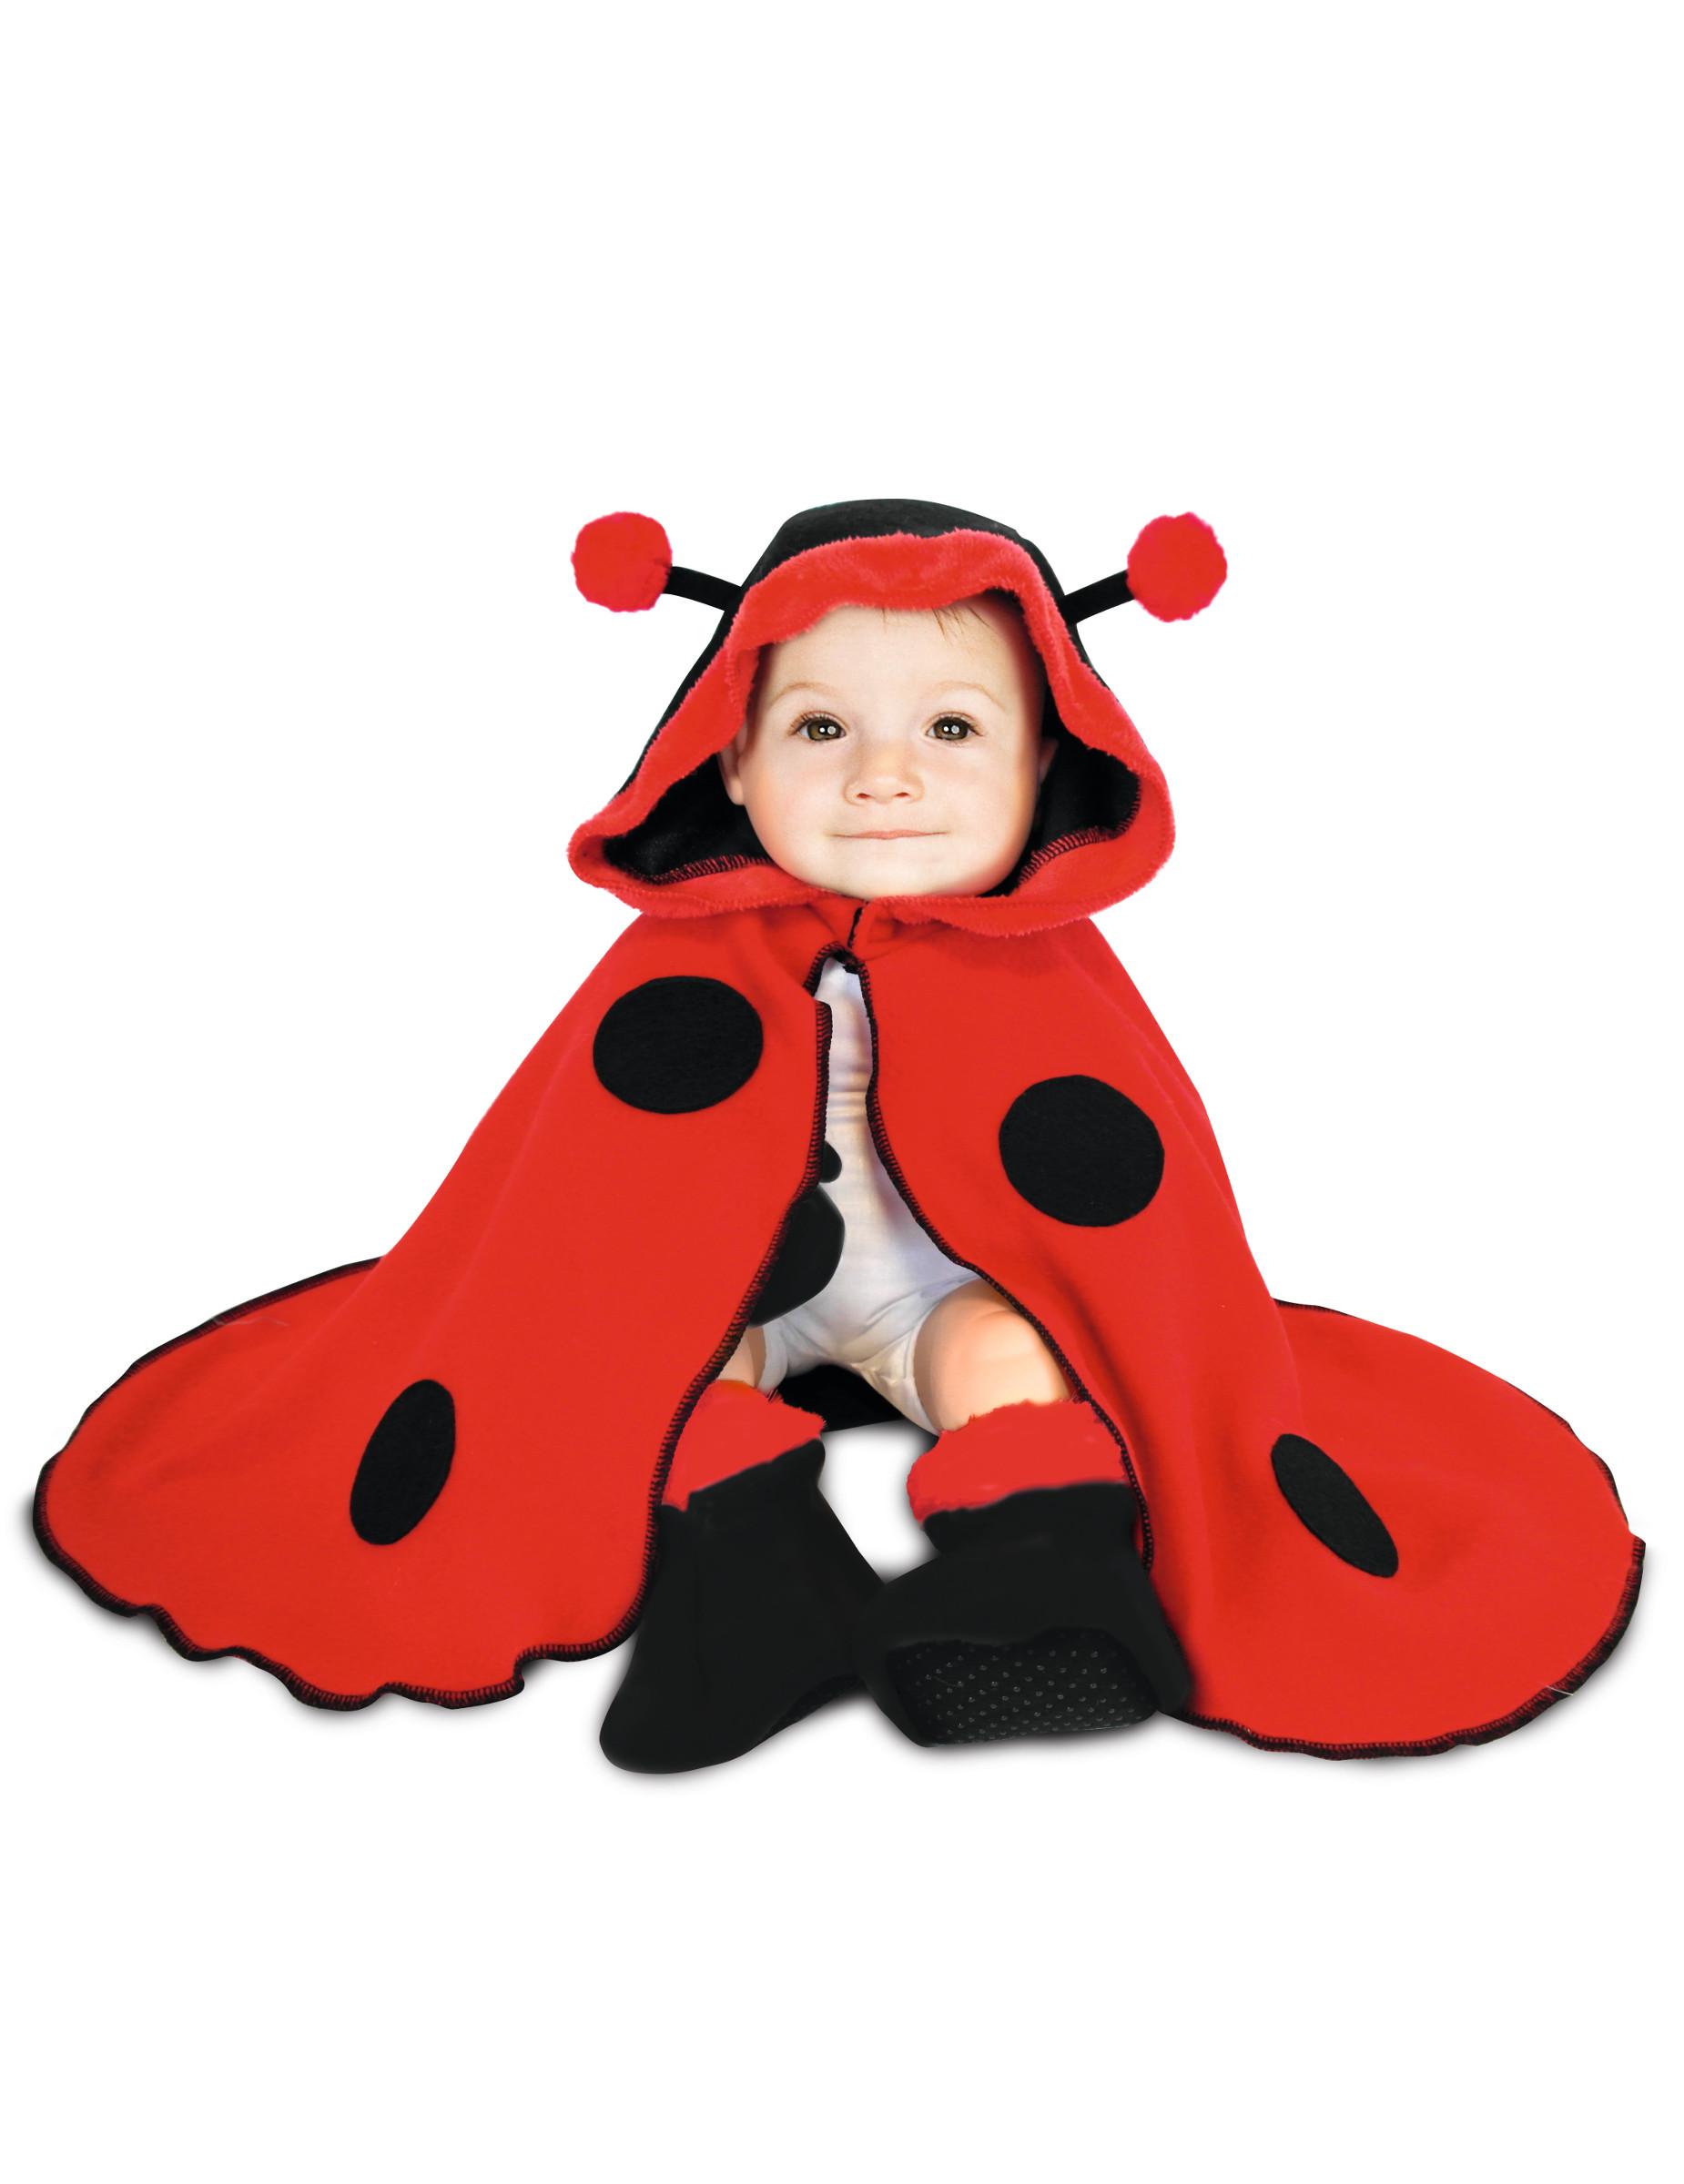 Marienkafer Babykostum Tier Rot Schwarz Gunstige Faschings Kostume